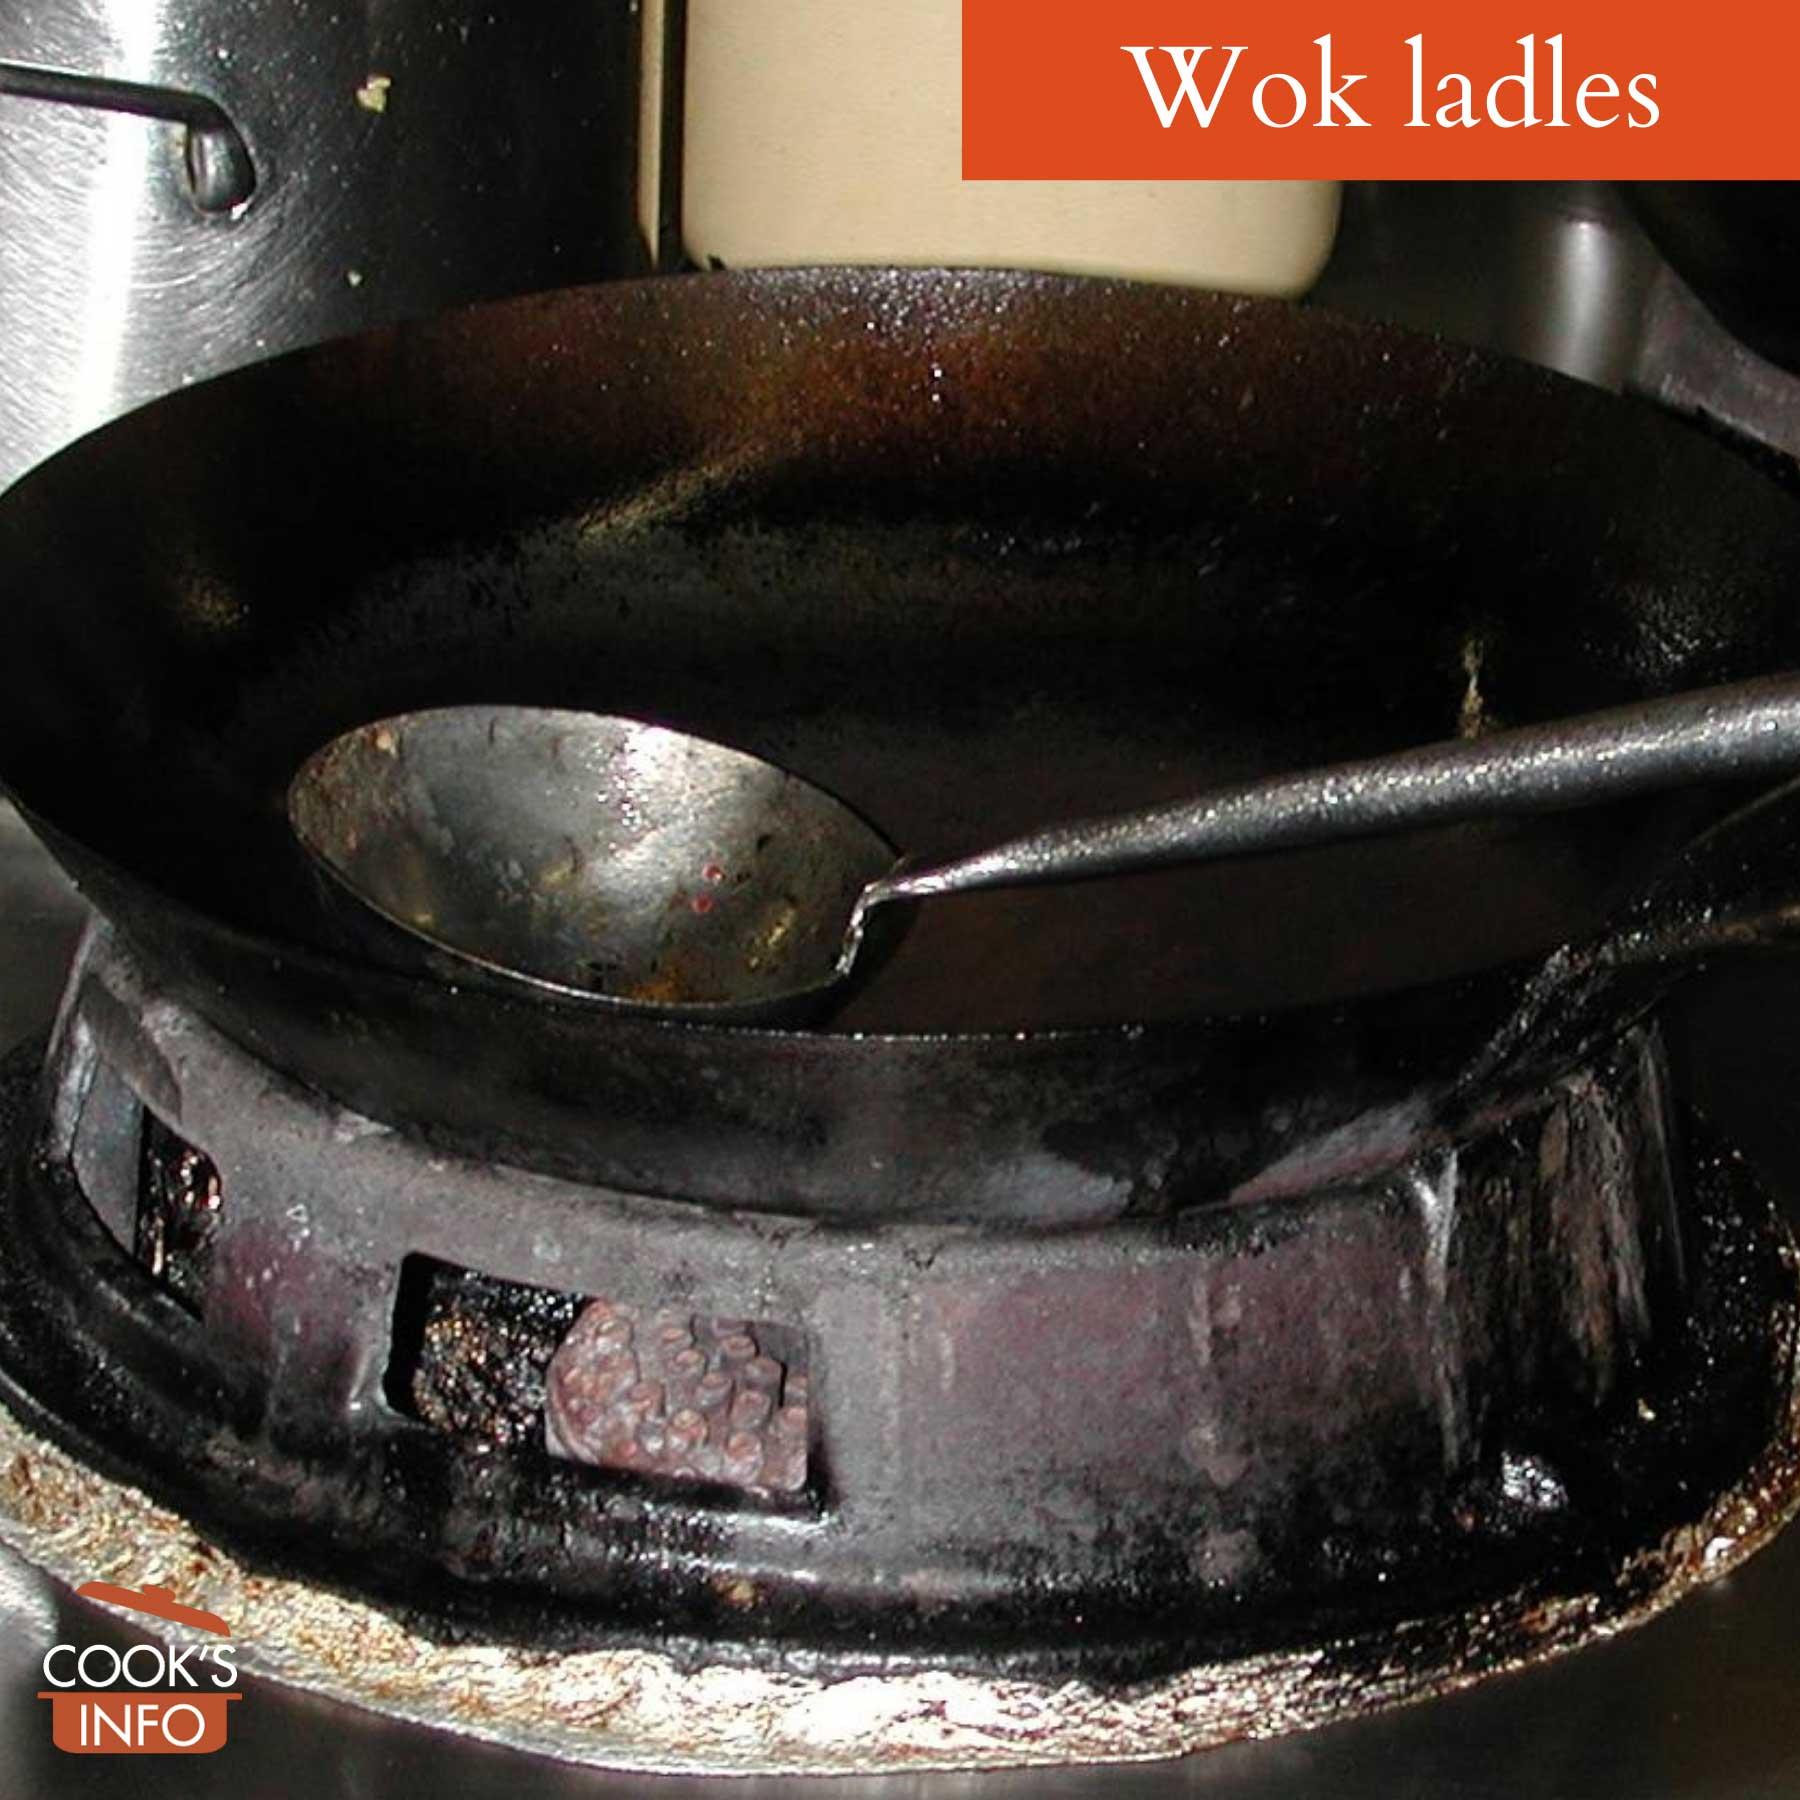 Wok ladle